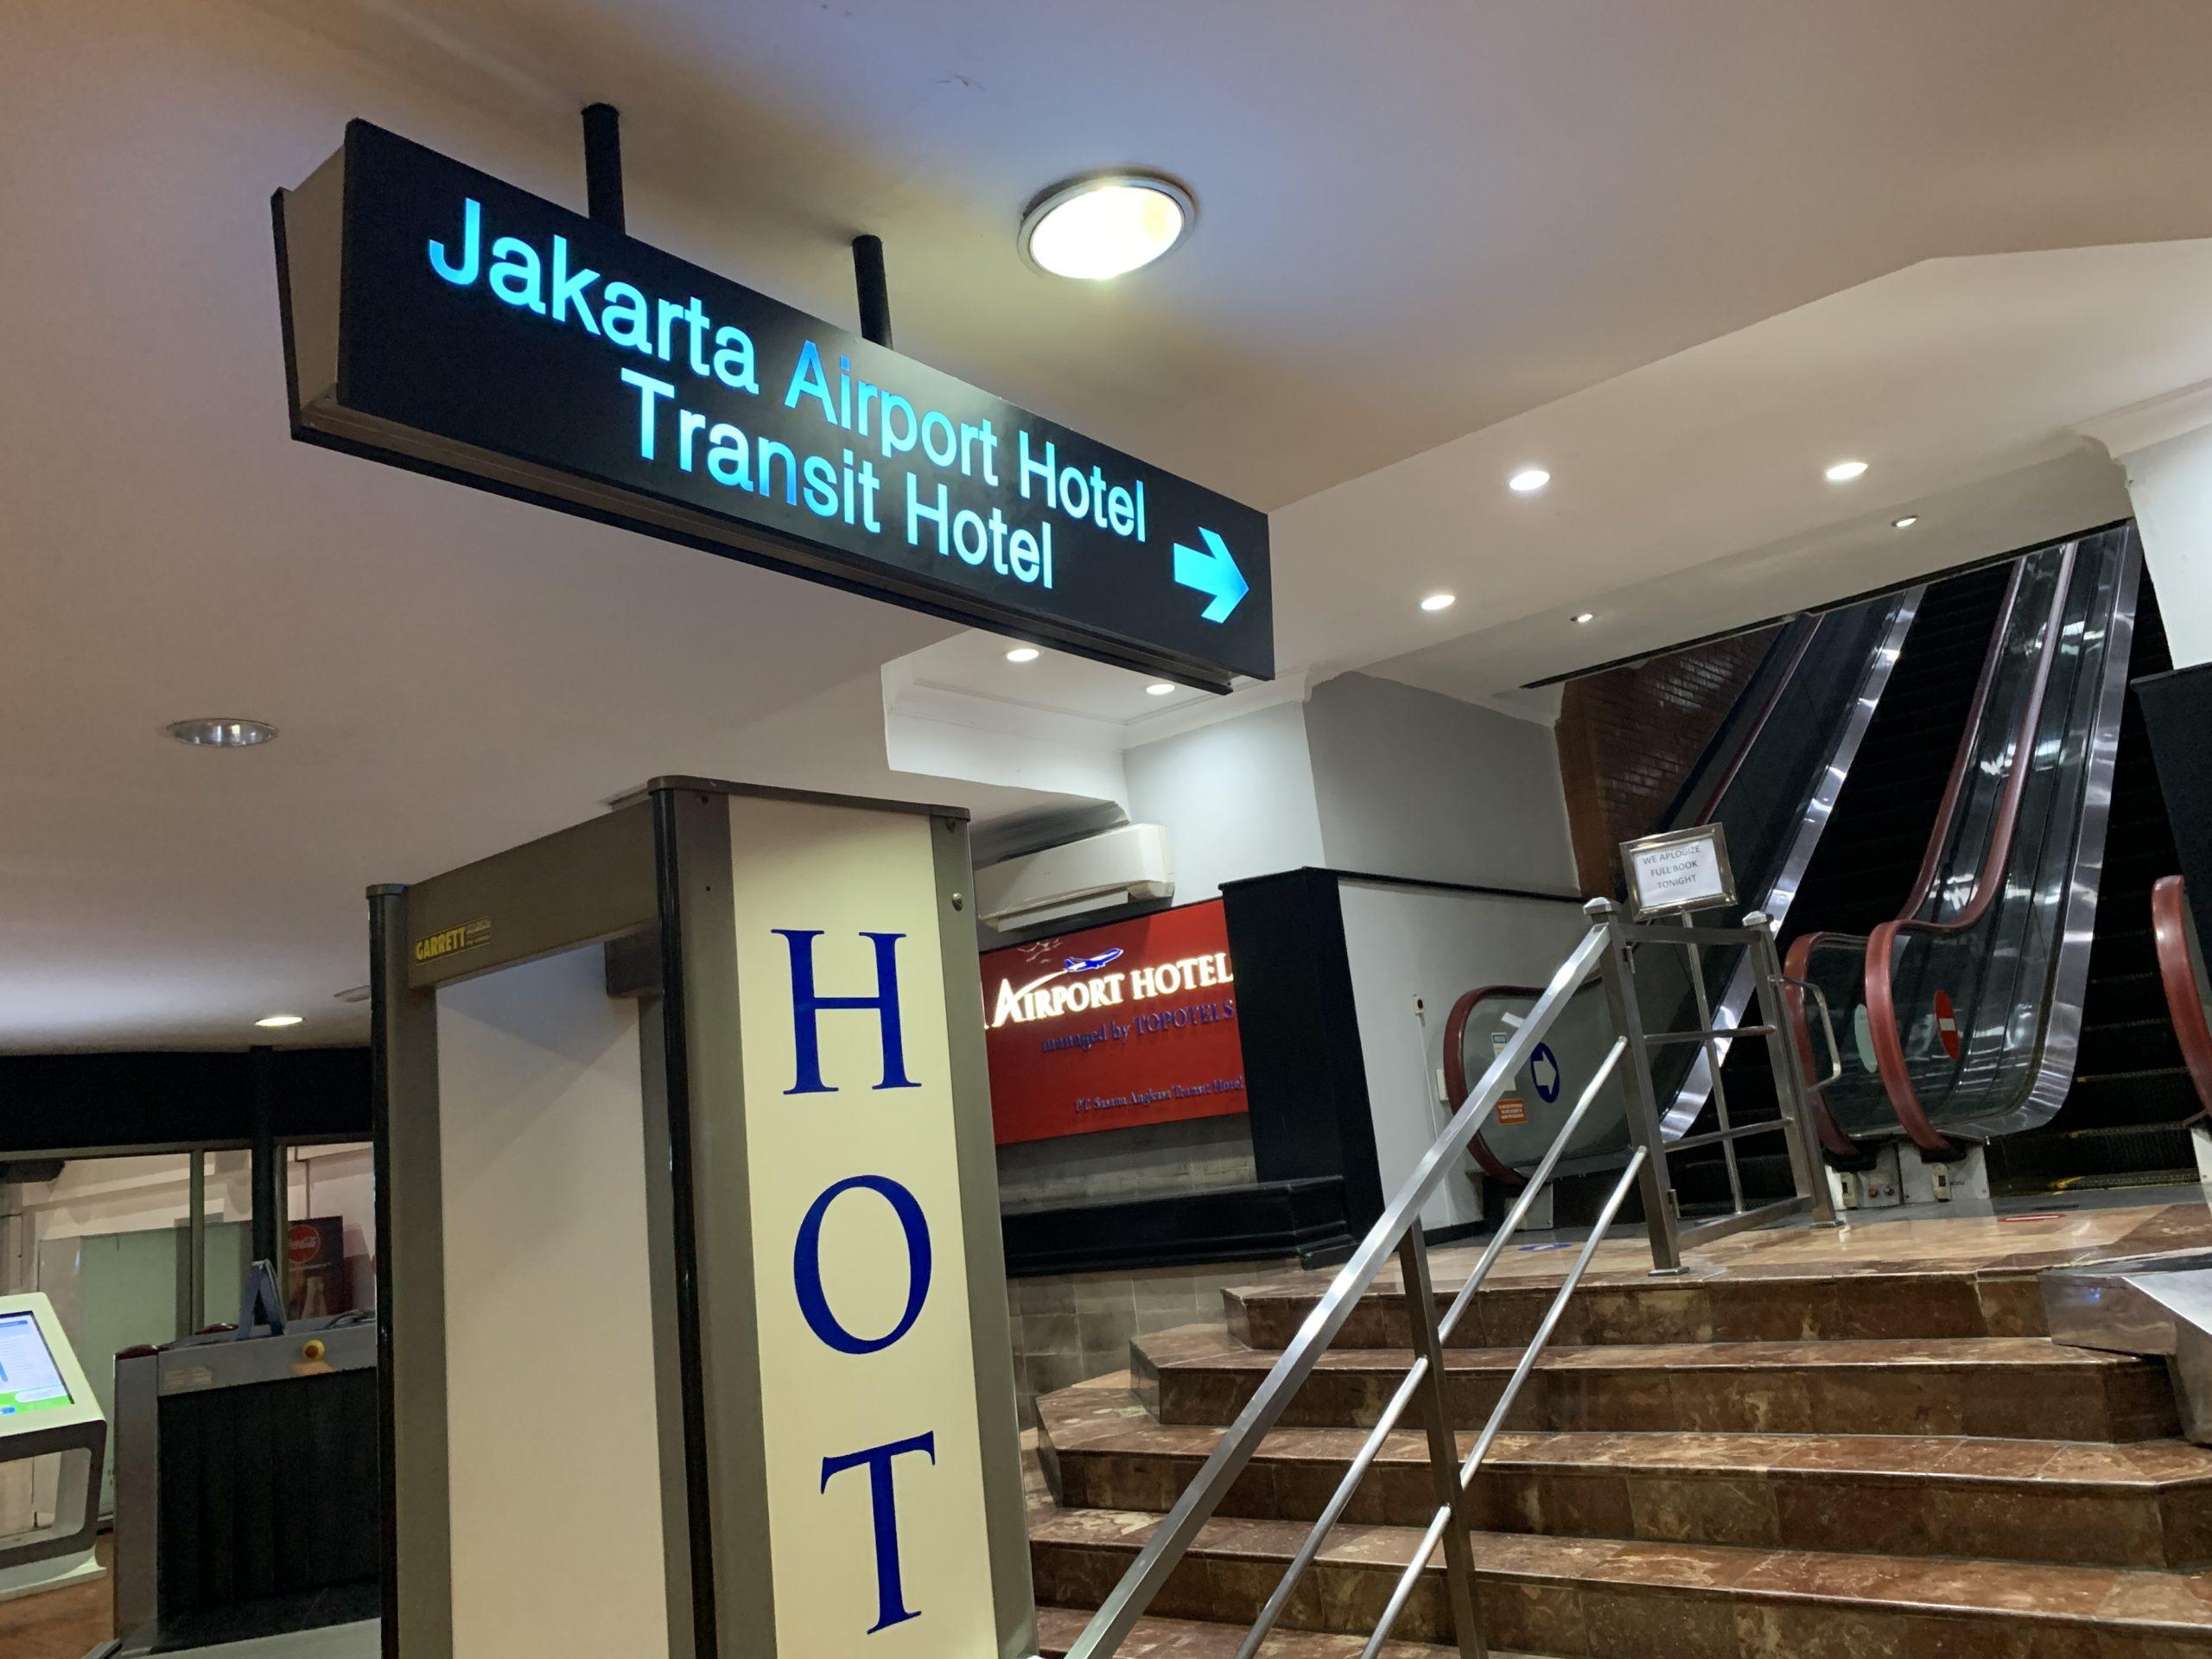 ジャカルタ 空港 ホテル